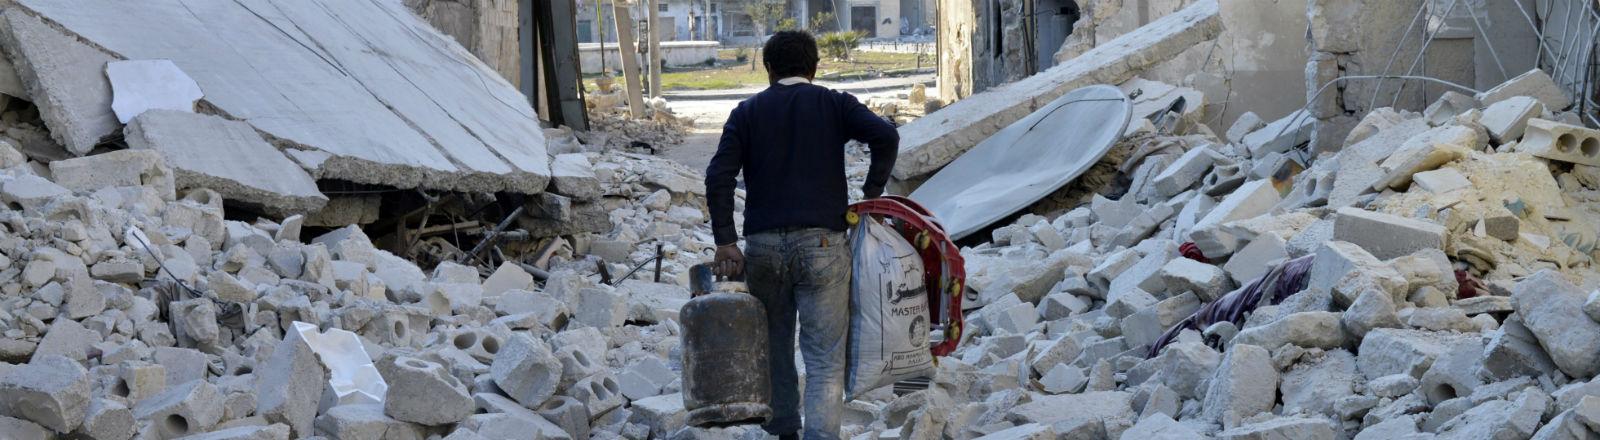 Ein Mann geht durch Trümmer in Aleppo. Bild: dpa